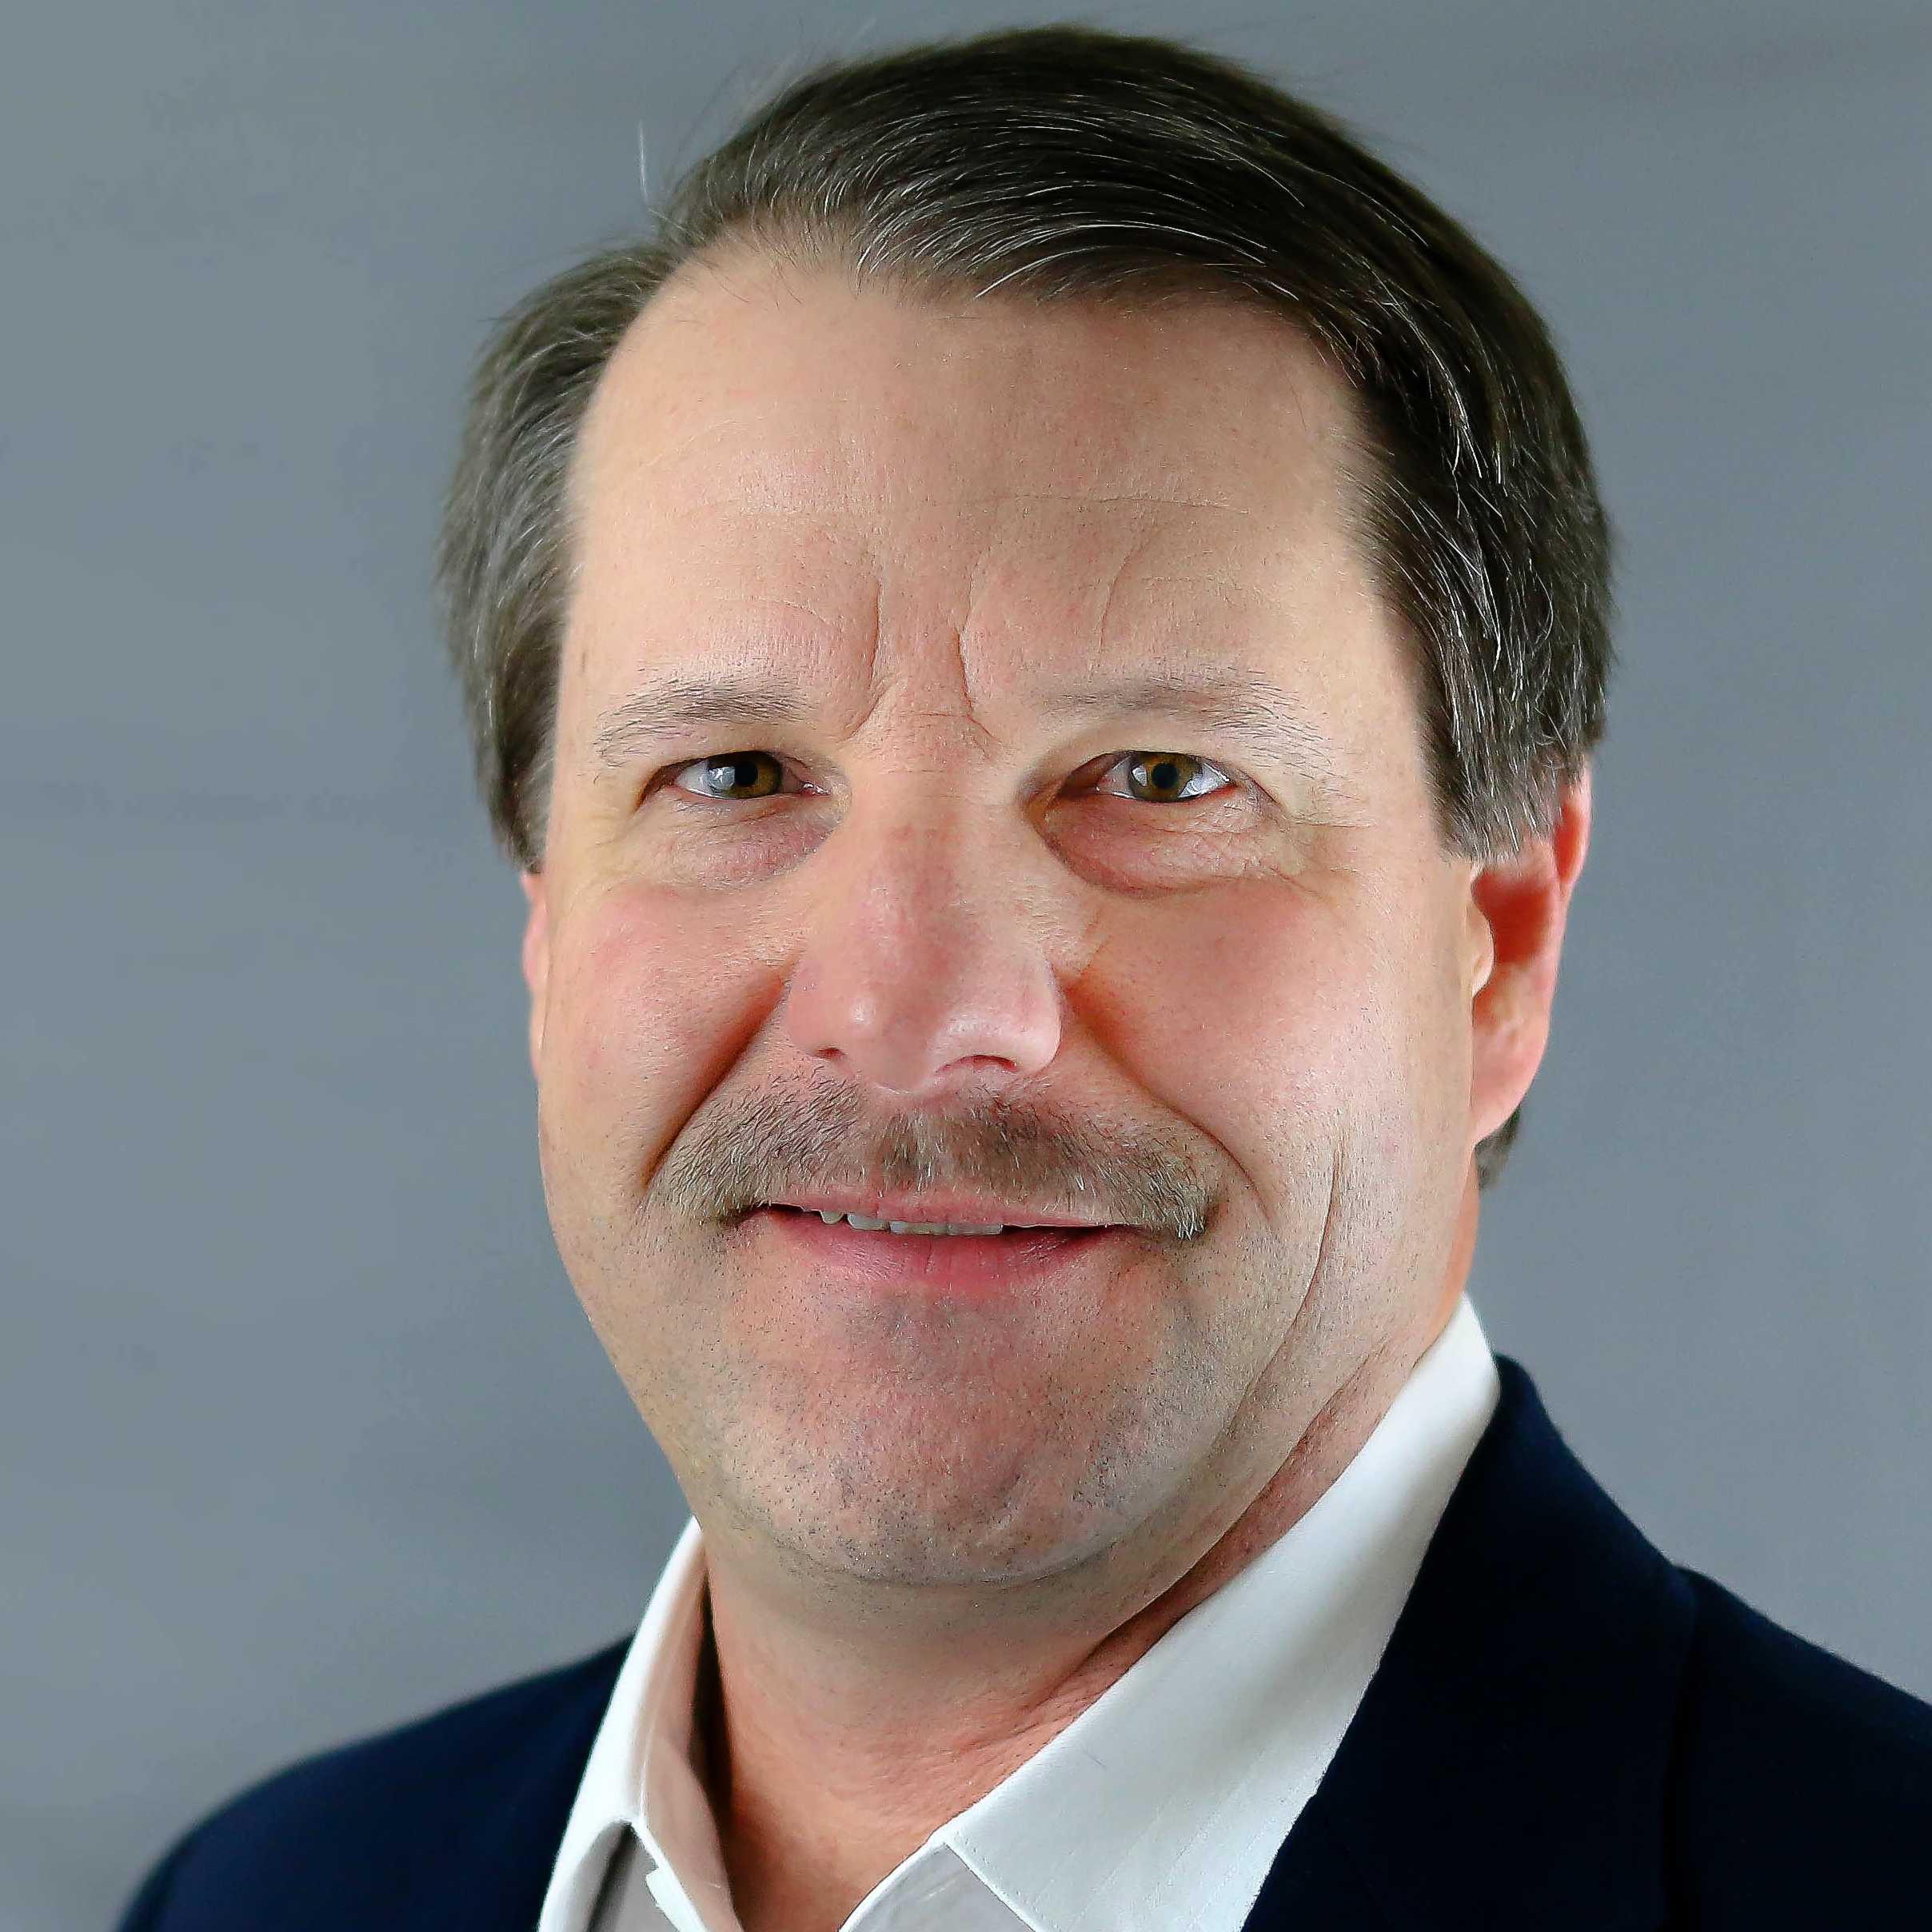 Randy Heimbach